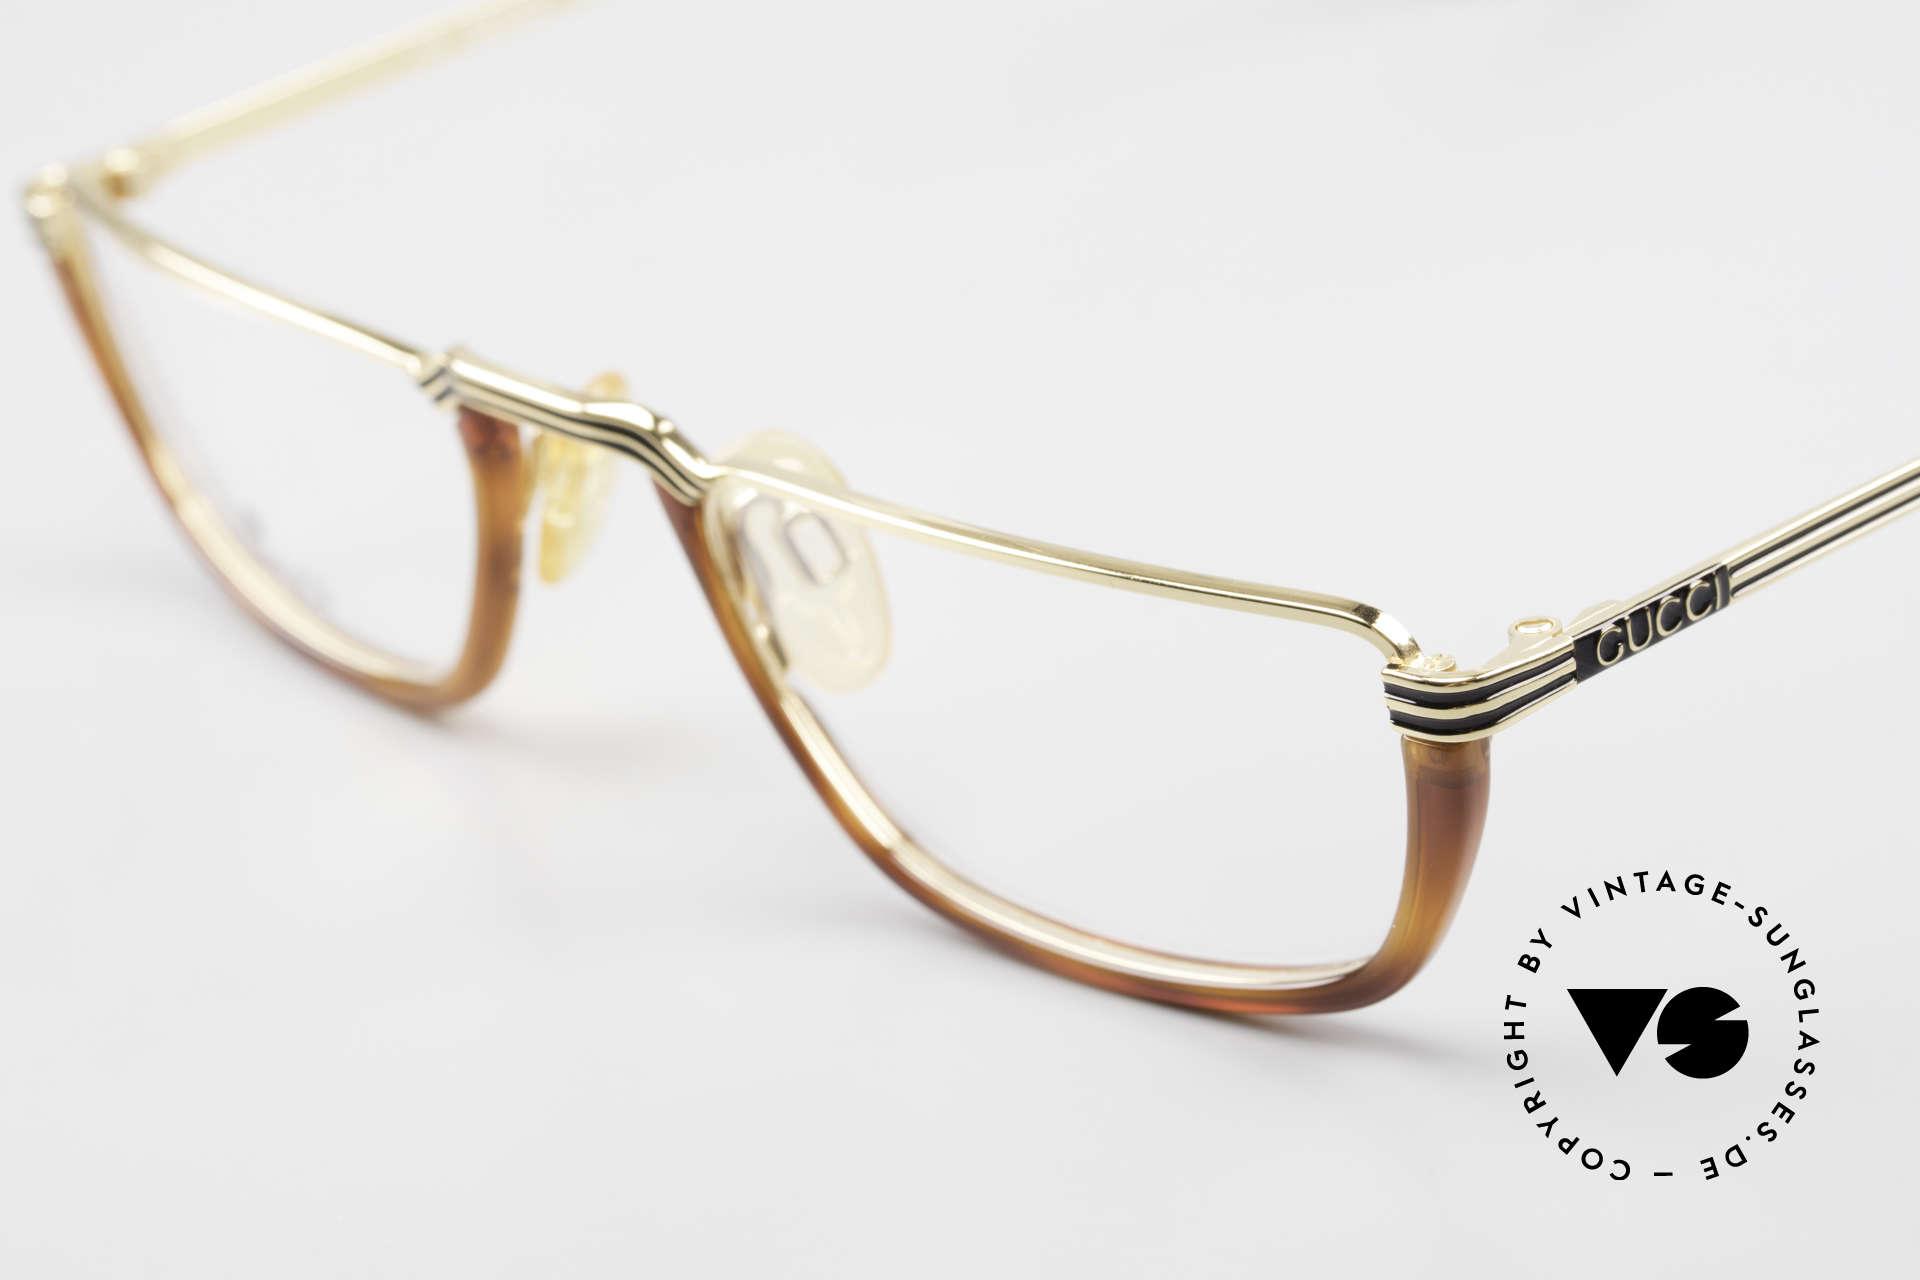 Gucci 1306 Designer Reading Eyeglasses, crafted for ergonomical shift on your nose bridge, Made for Men